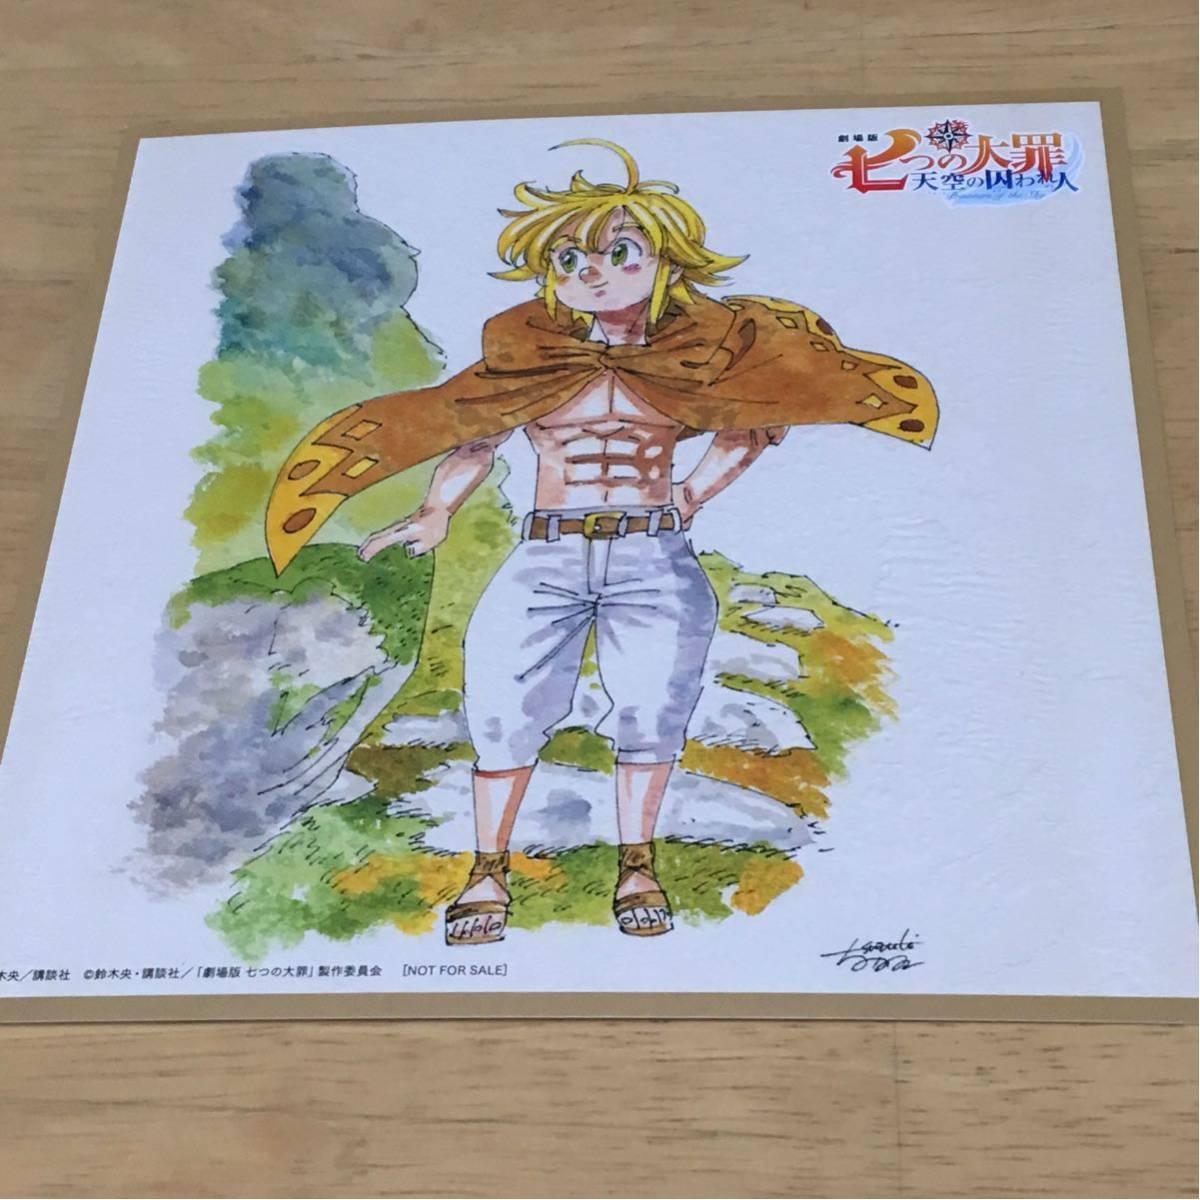 映画『七つの大罪 天空の囚われ人』5週目 入場者特典 「メリオダス」イラストカード